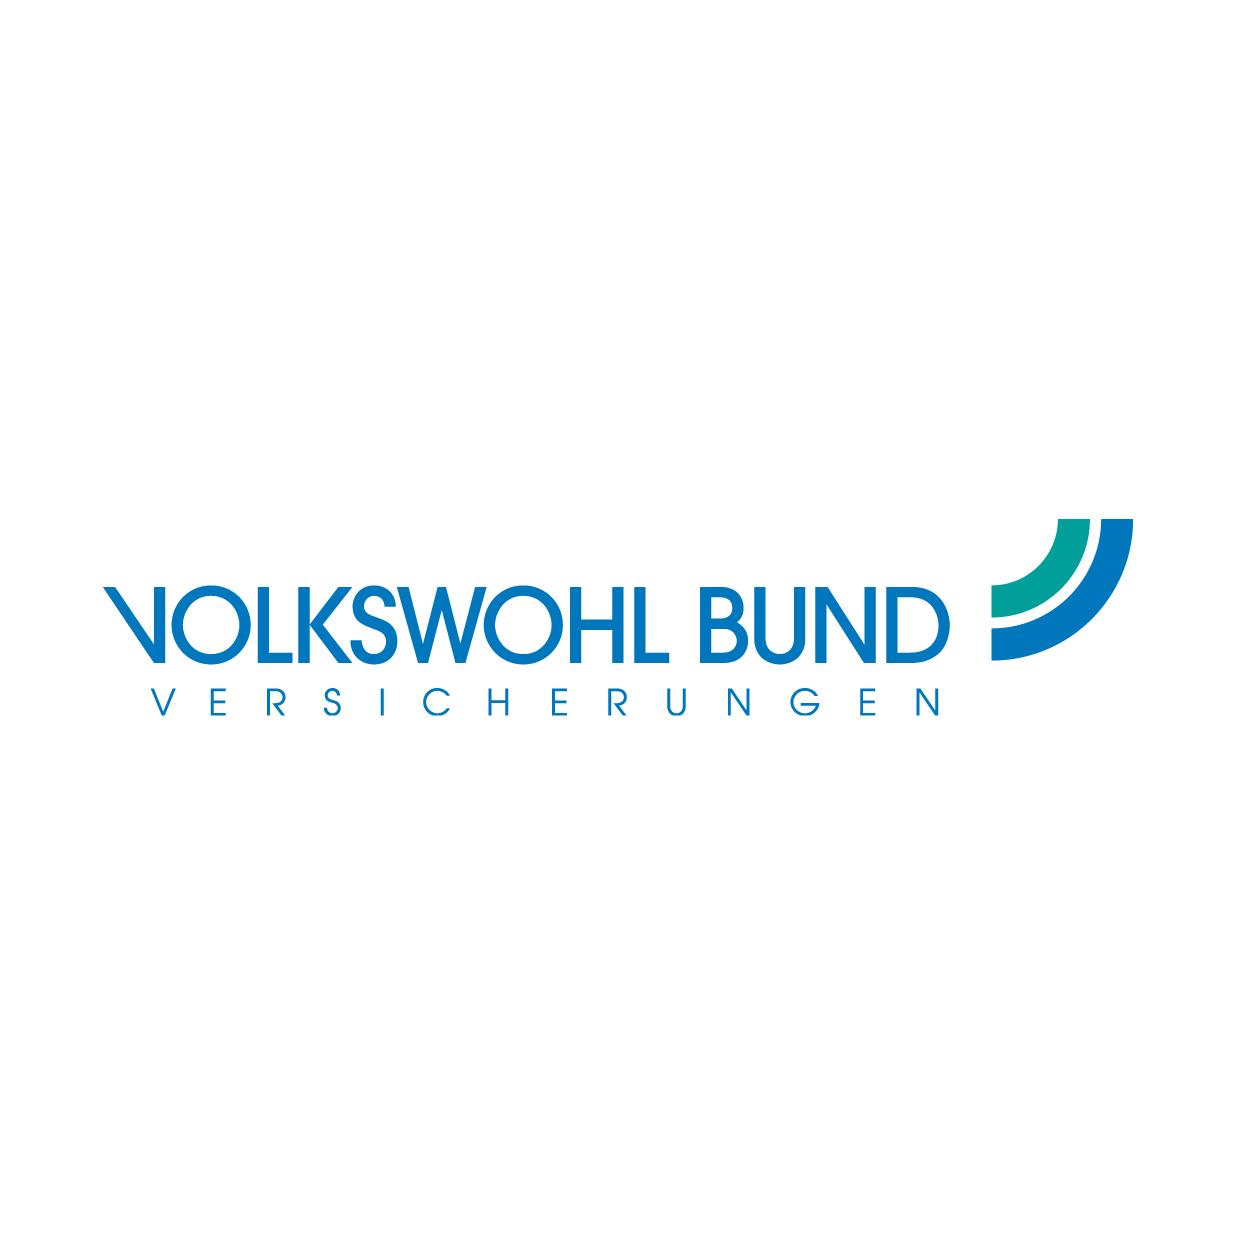 VOLKSWOHLBUND_Logo.jpg